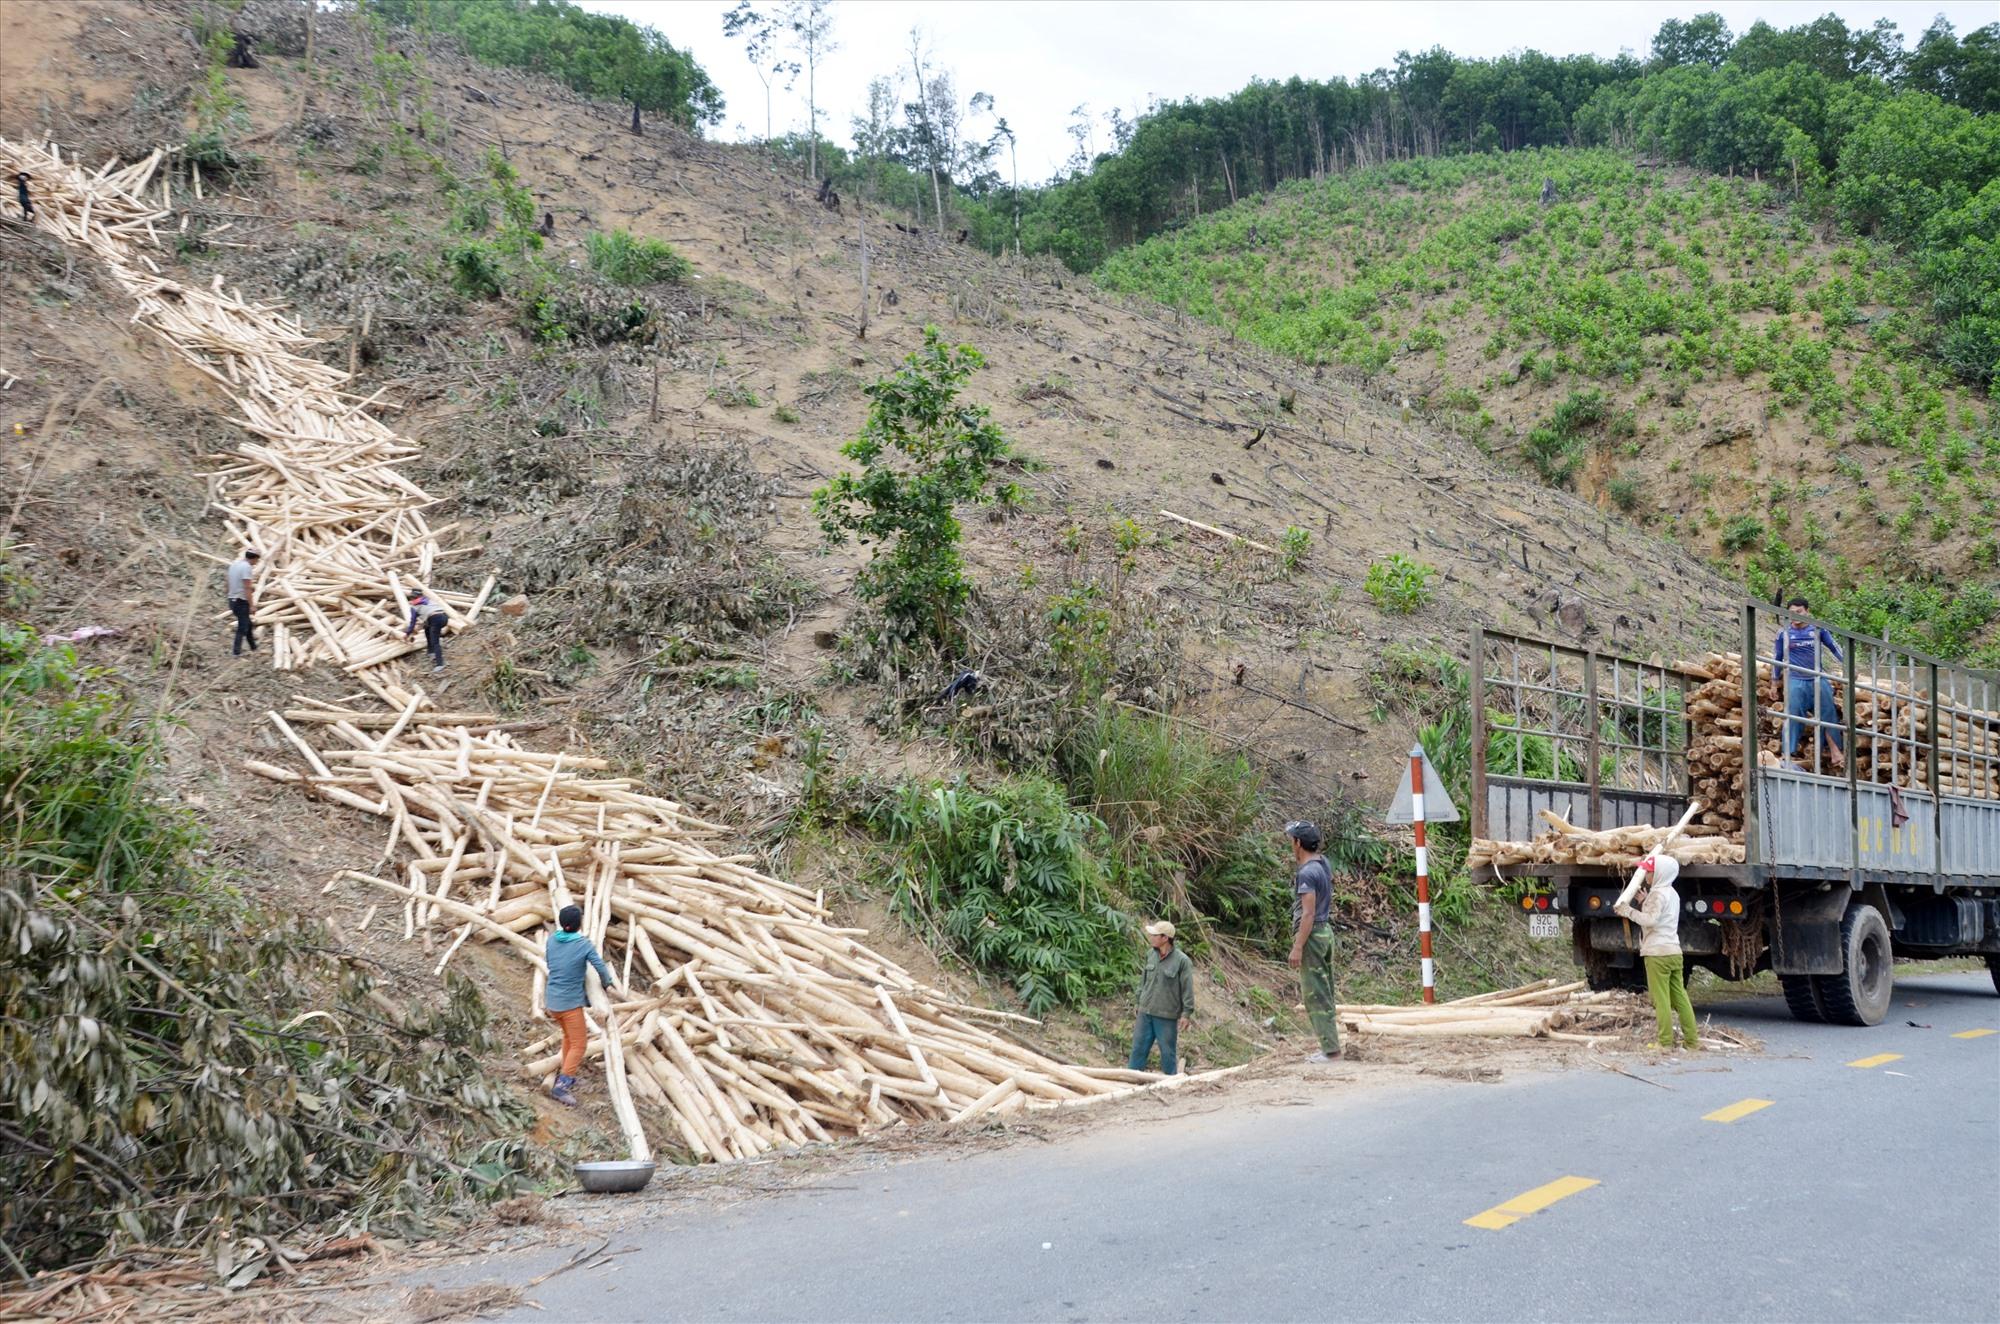 Sản phẩm rừng trồng tại vùng tây bắc của tỉnh hiện vẫn gặp khó khăn trong việc vận chuyển, tiêu thụ. Ảnh: H.P